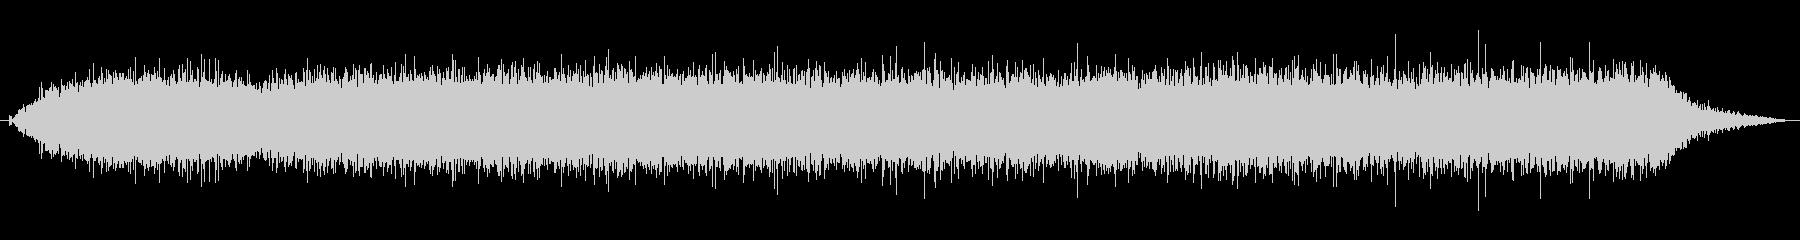 電気:ボアワンホール、コンストラク...の未再生の波形